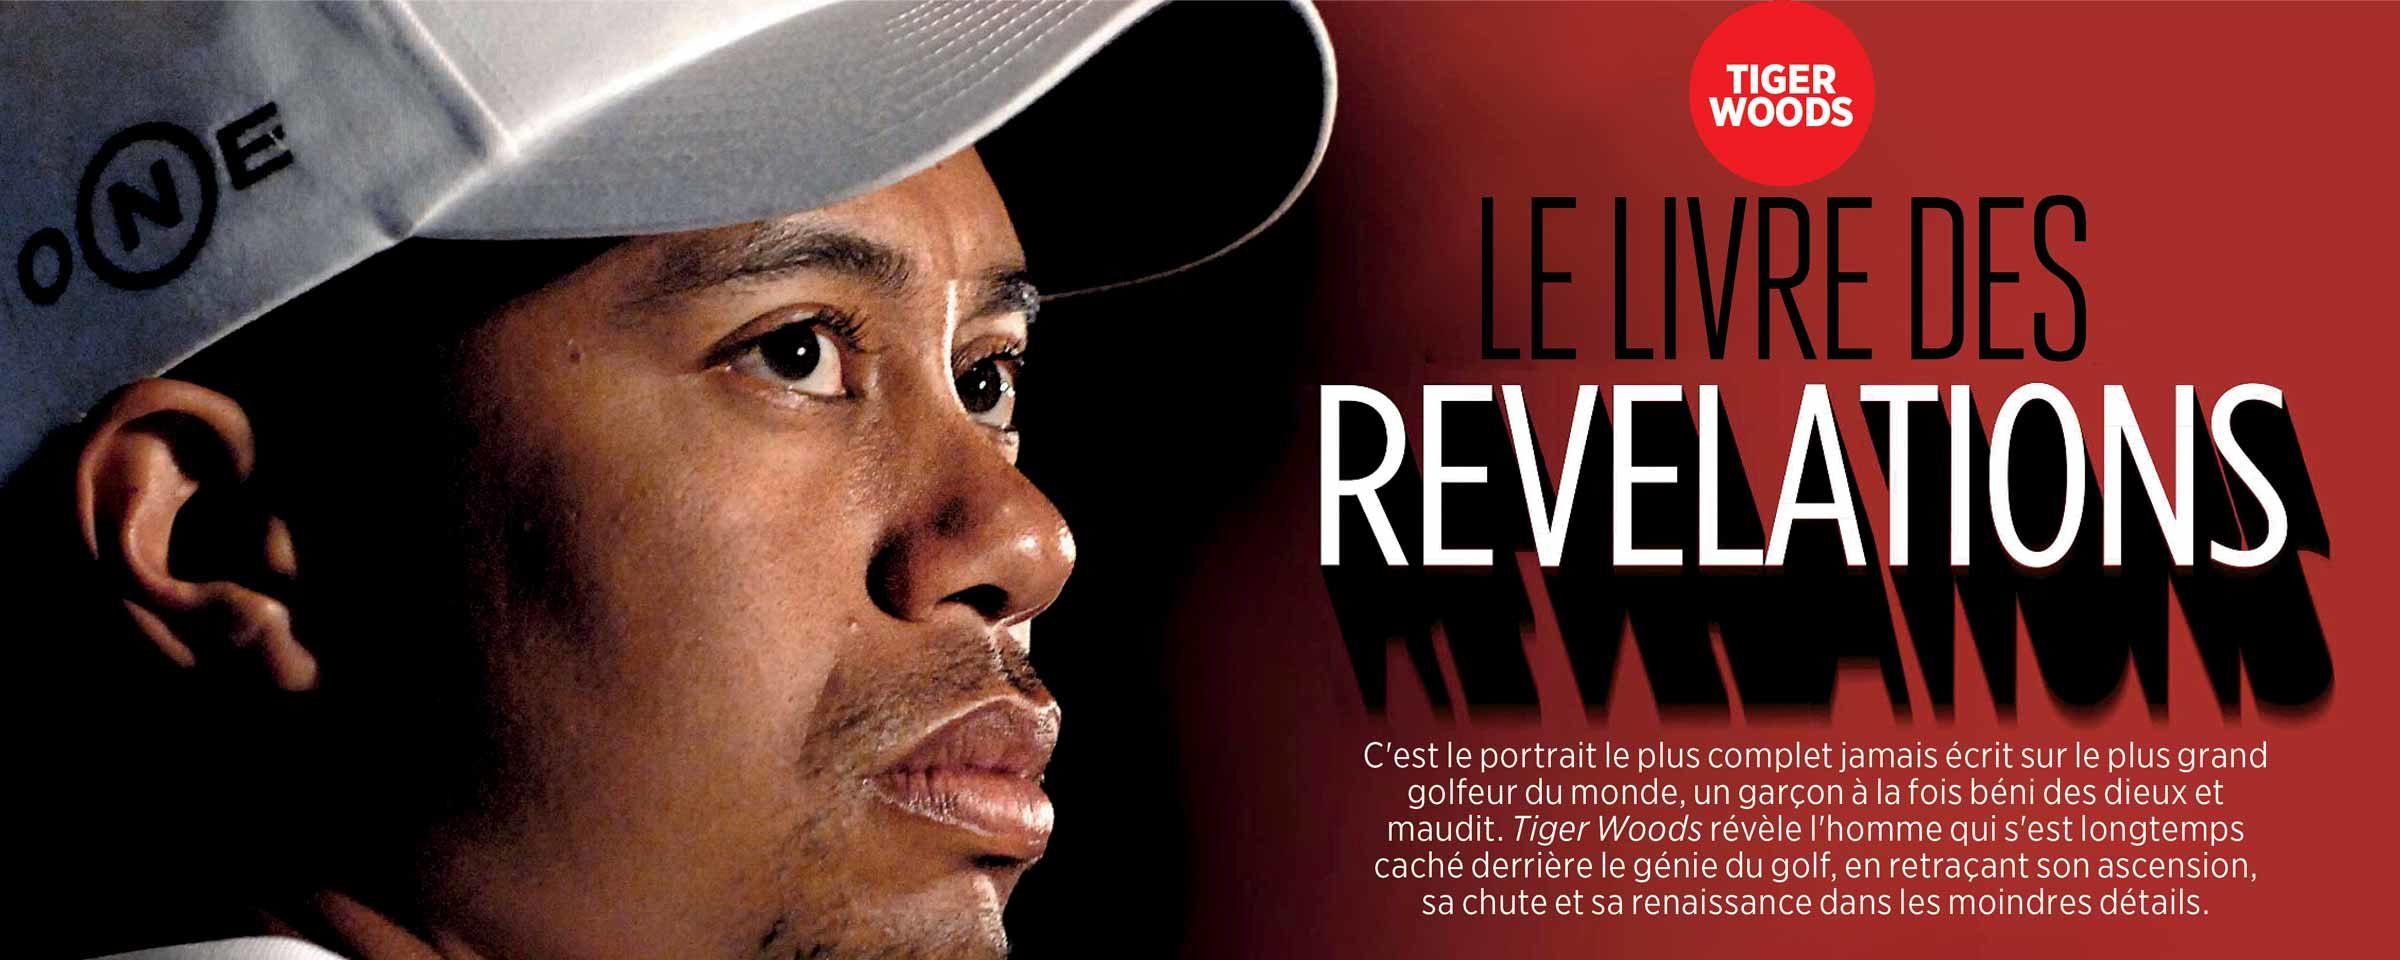 Le livre des revalations – Tiger Woods